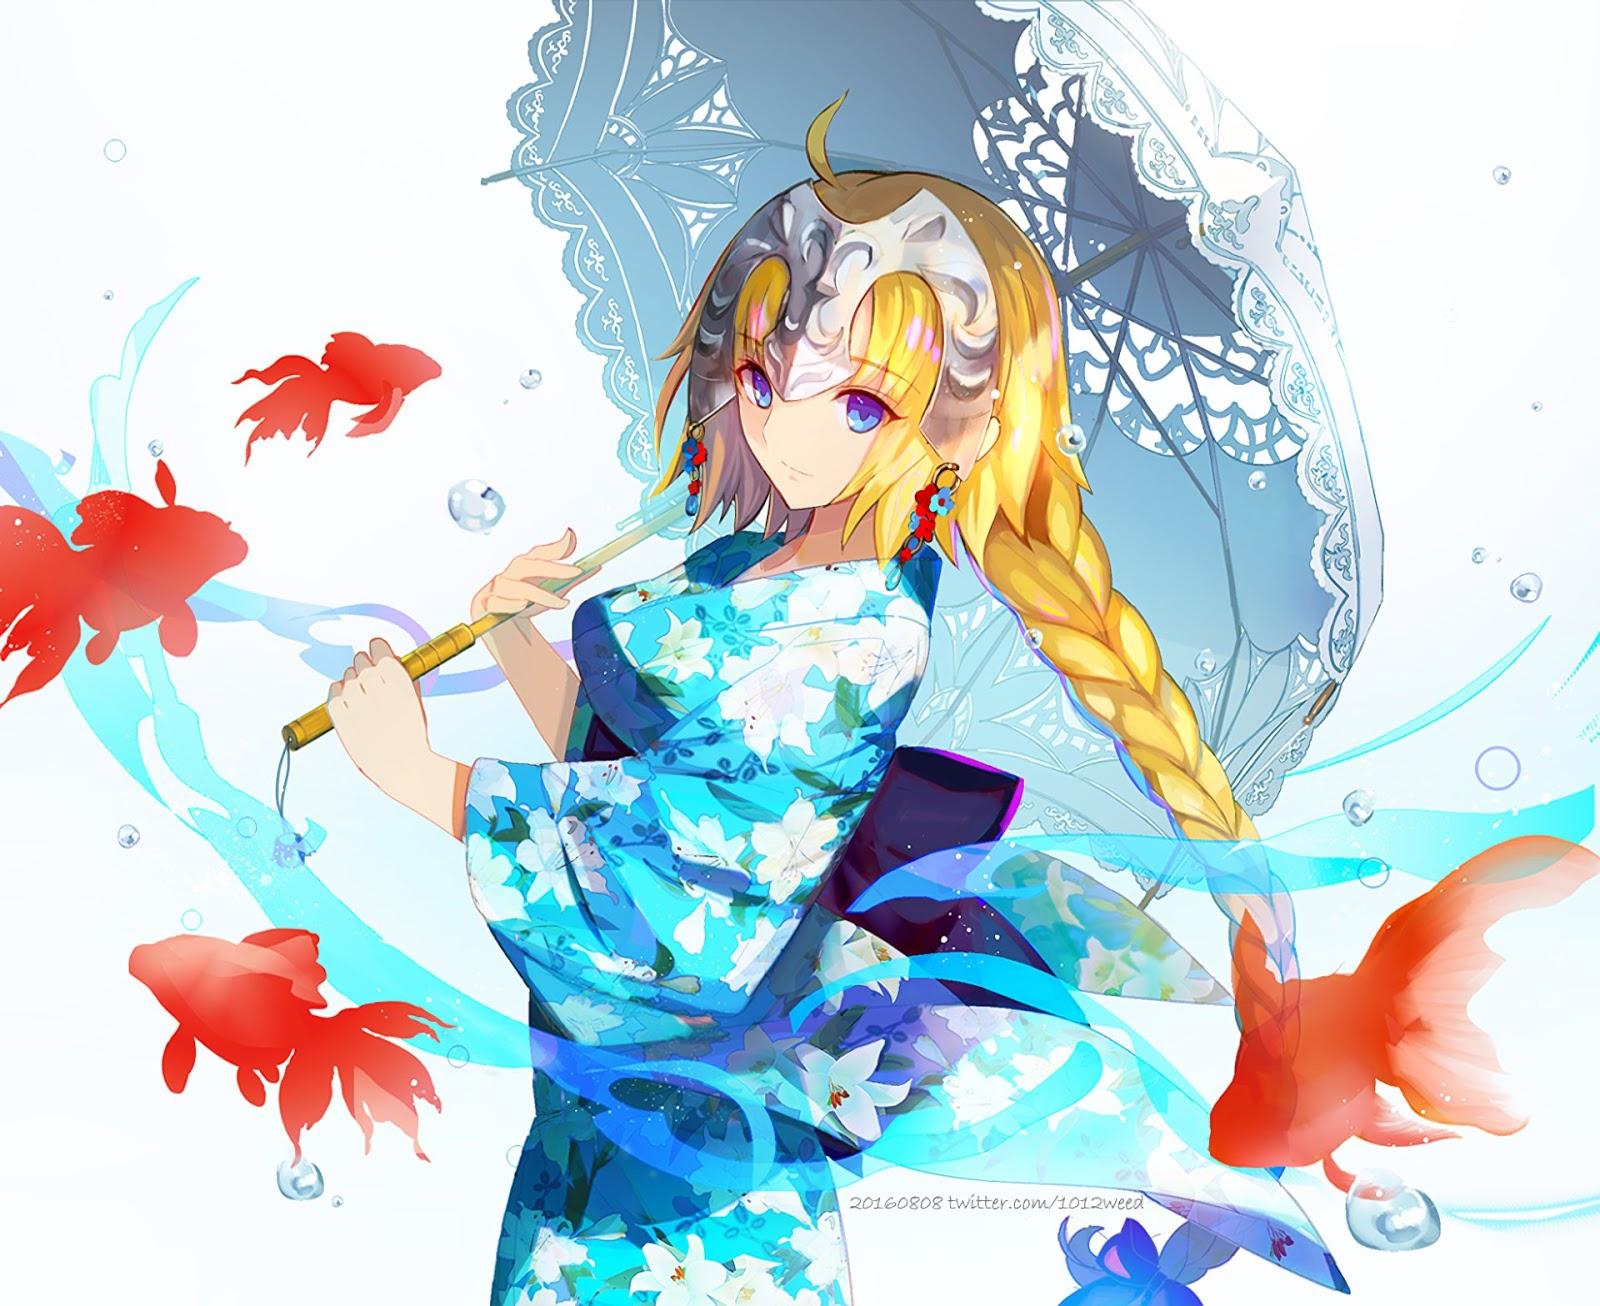 Fate AowVN%2B%252887%2529 - [ Hình Nền ] Anime Fate/GrandOrder tuyệt đẹp Full HD | Wallpaper